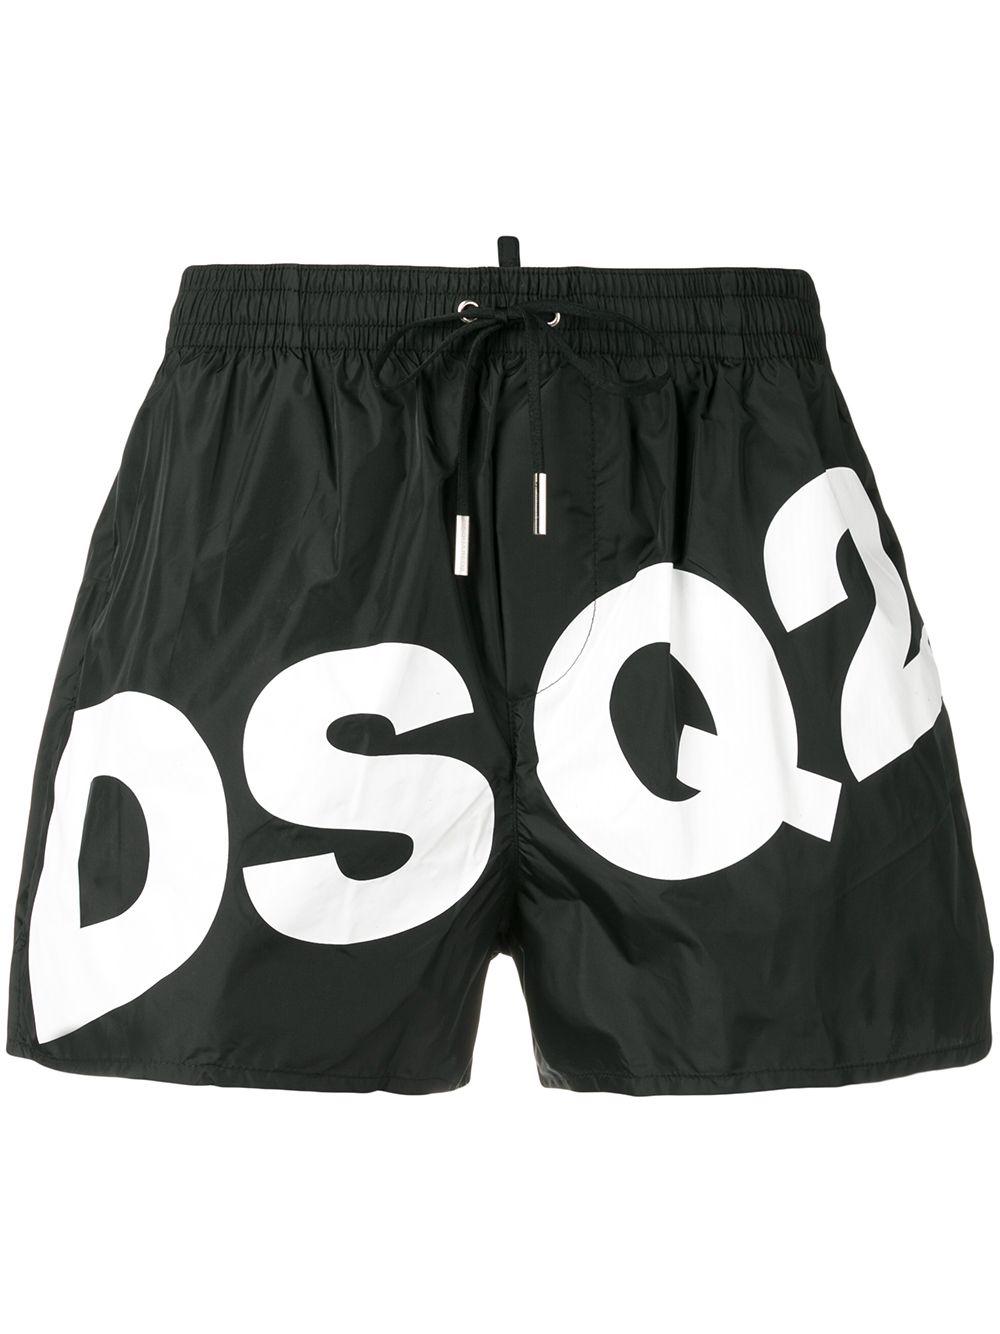 dca97a35a8 Dsquared2 Big Logo Swim Shorts - Black | ModeSens